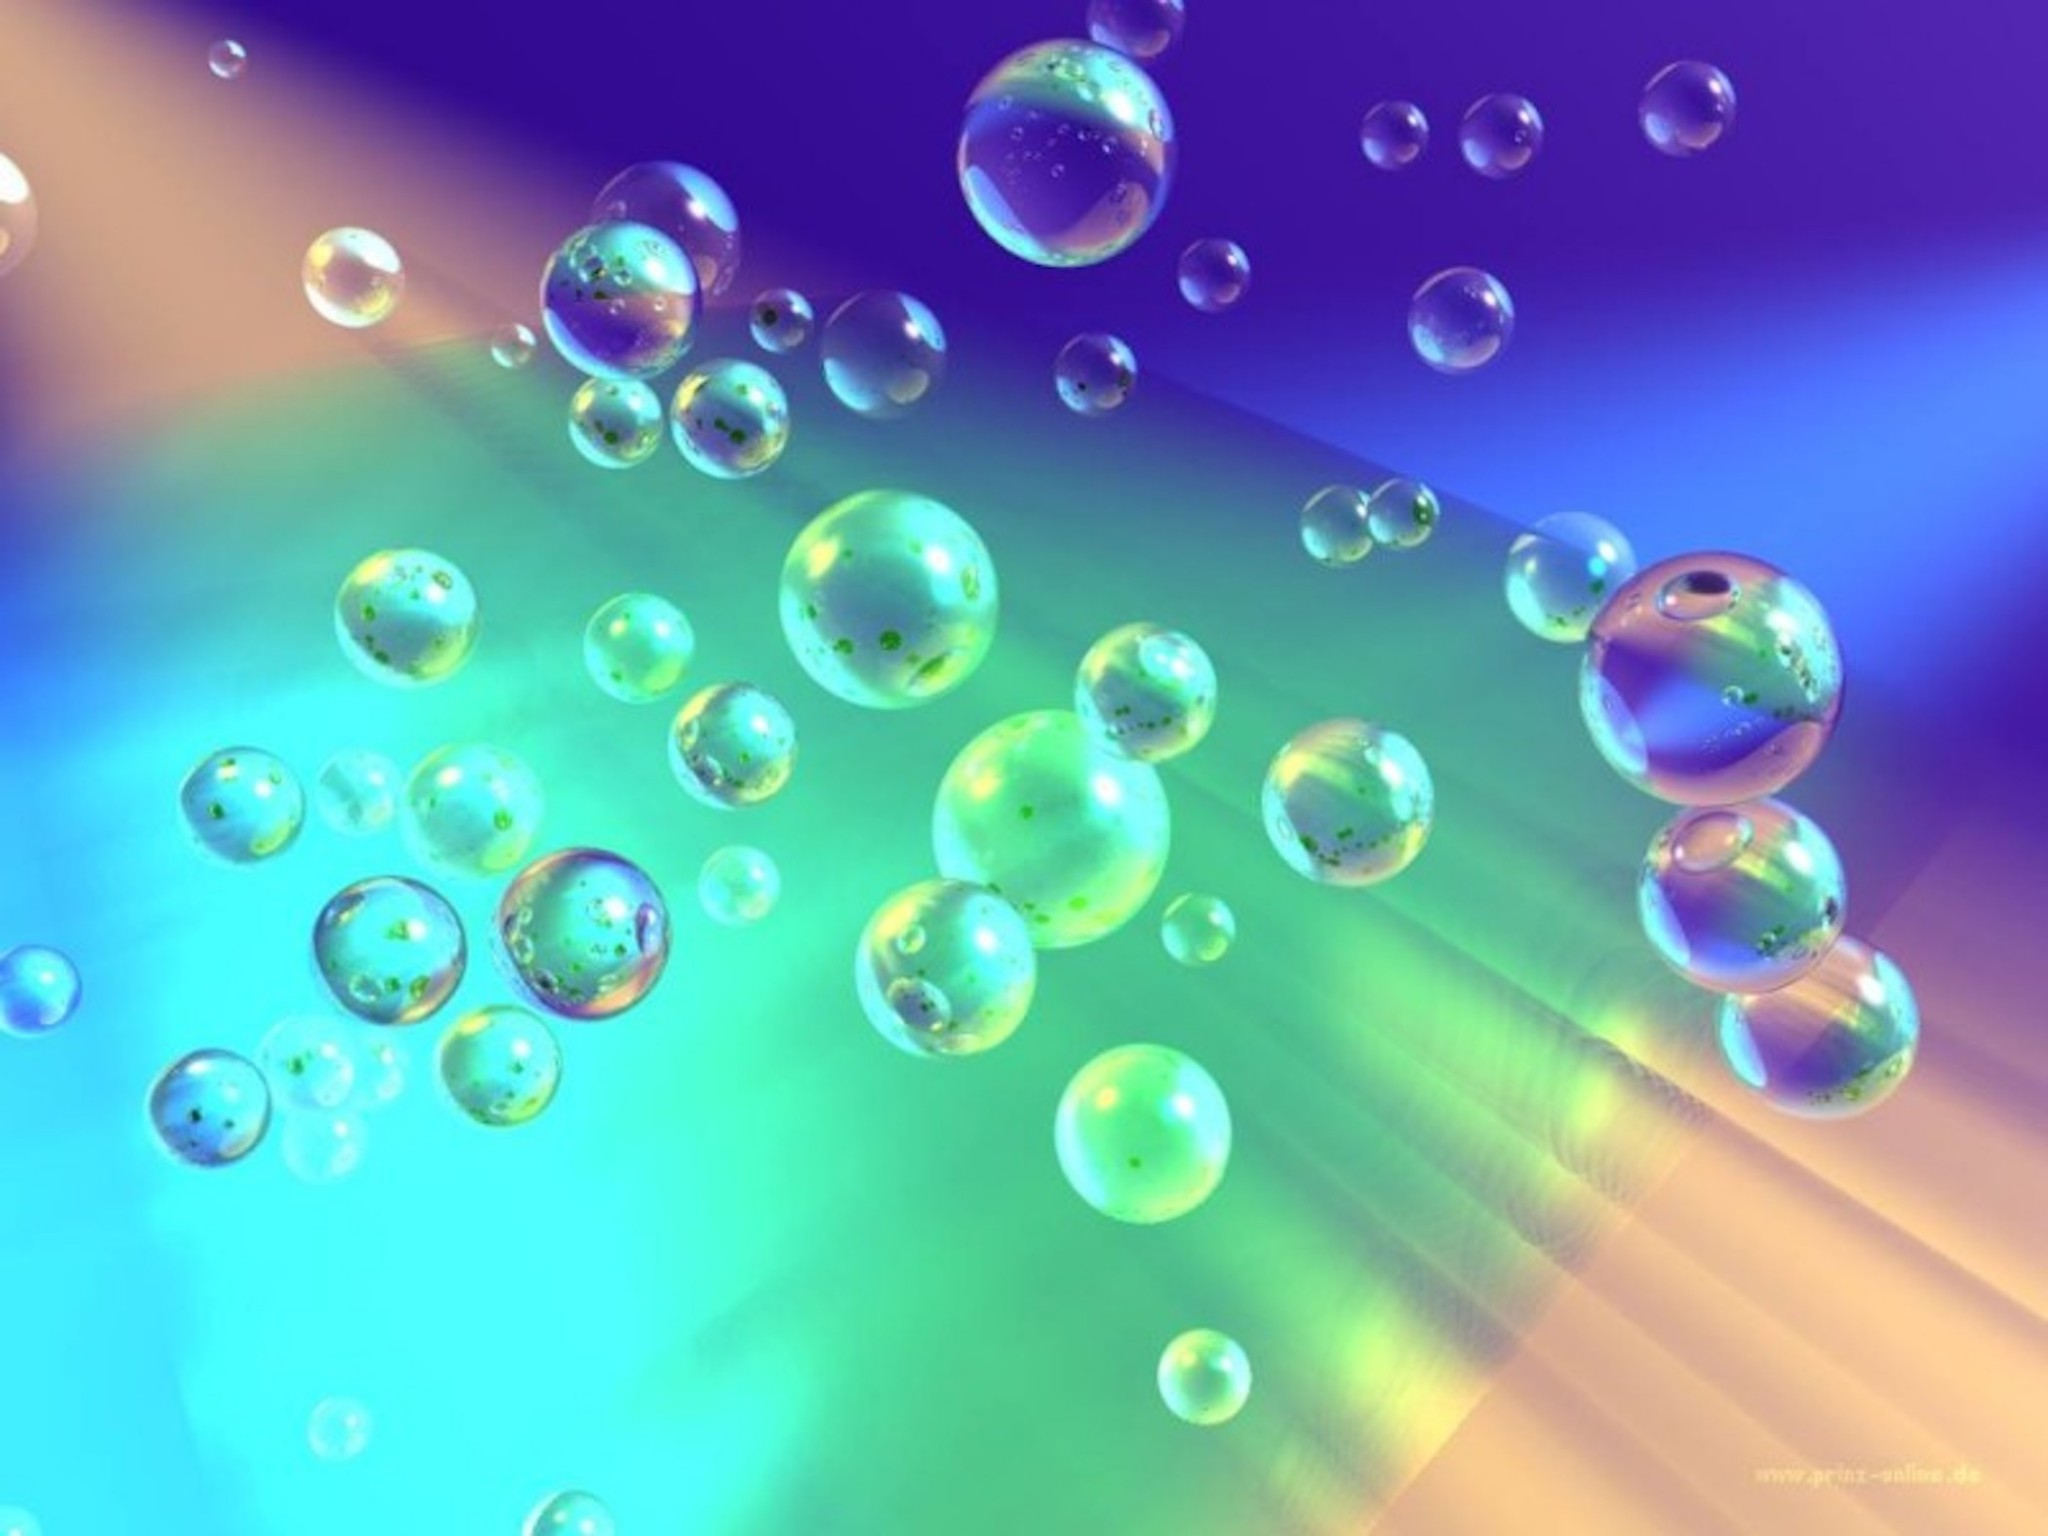 bubbles desktop 1024x768 - photo #25